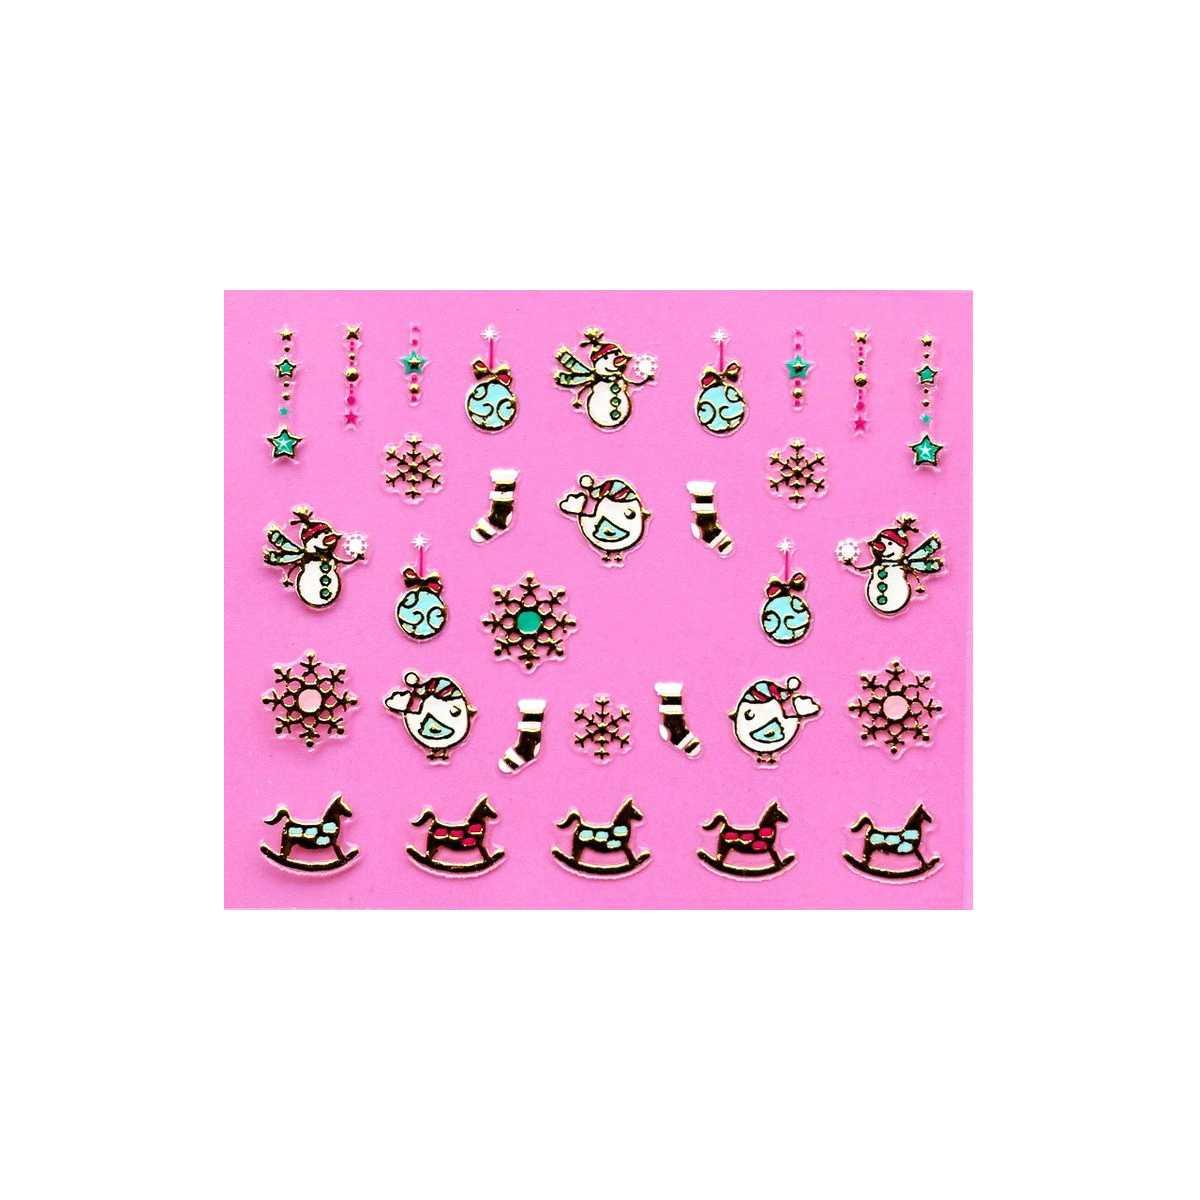 https://www.kit-manucure.com/719-thickbox_default/stickers-autocollant-pour-ongle-motifs-de-noël-boules-de-noël-et-flocons.jpg